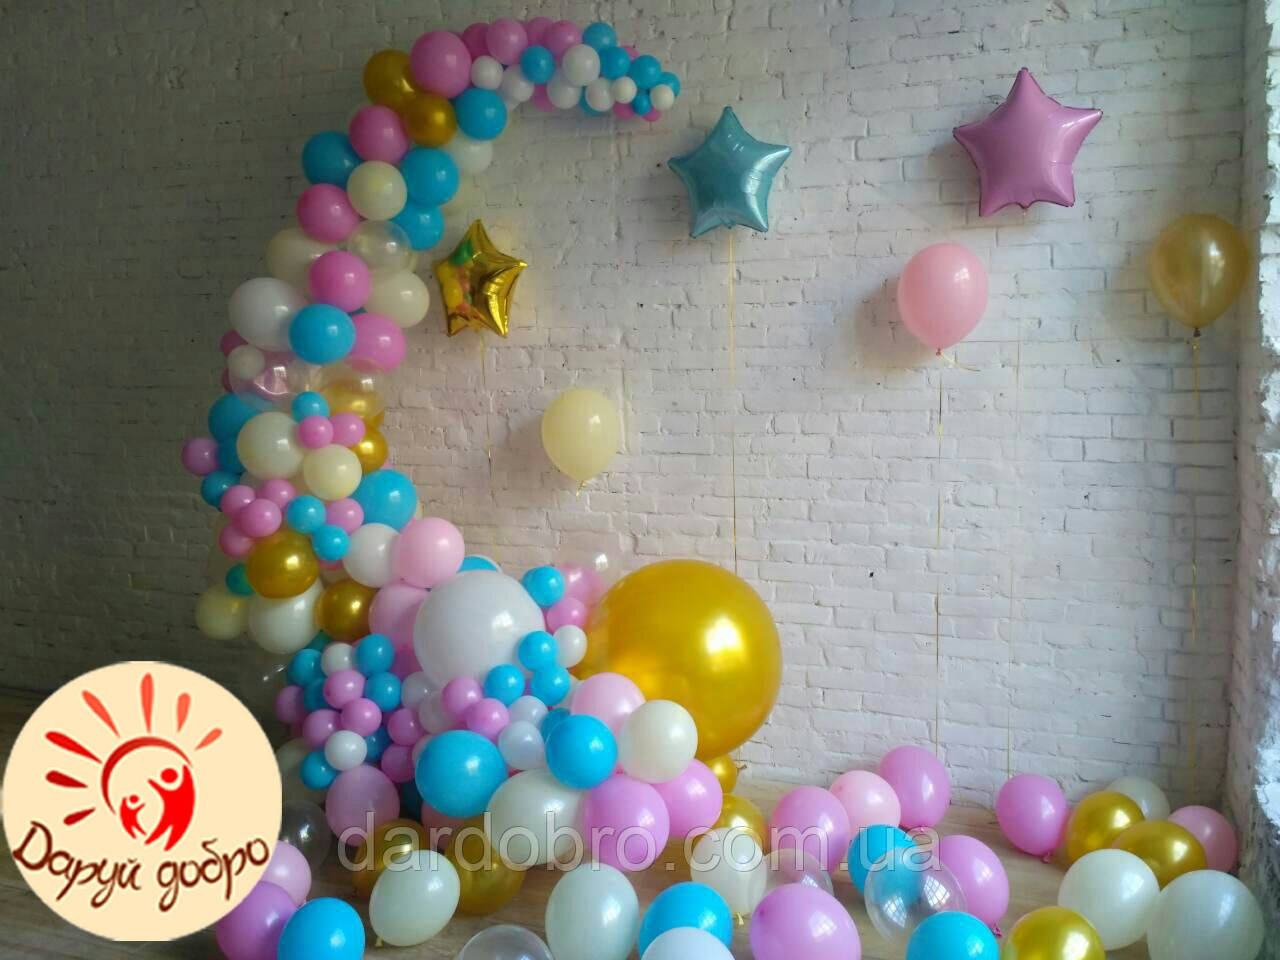 №1 Оформление фотозоны воздушными шарами Днепр - Даруй добро в Днепре